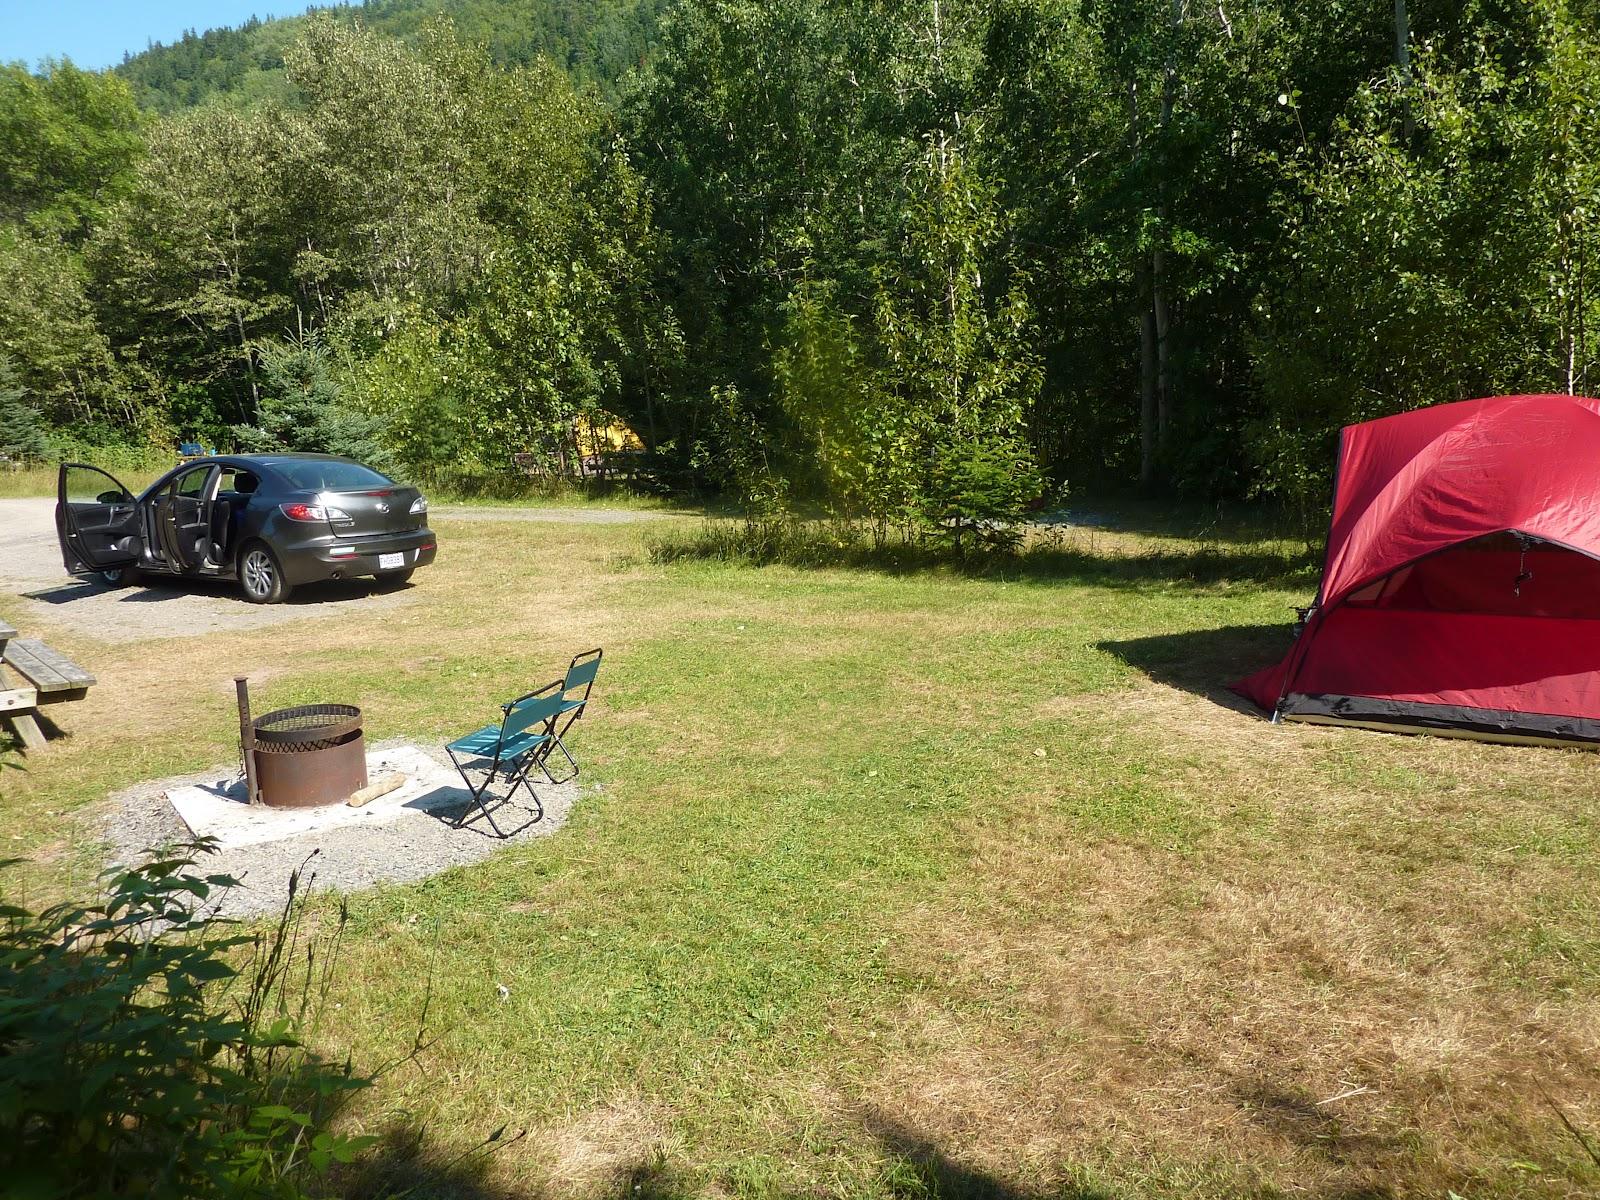 Chapp e bor ale le parc du bic for Camping bic